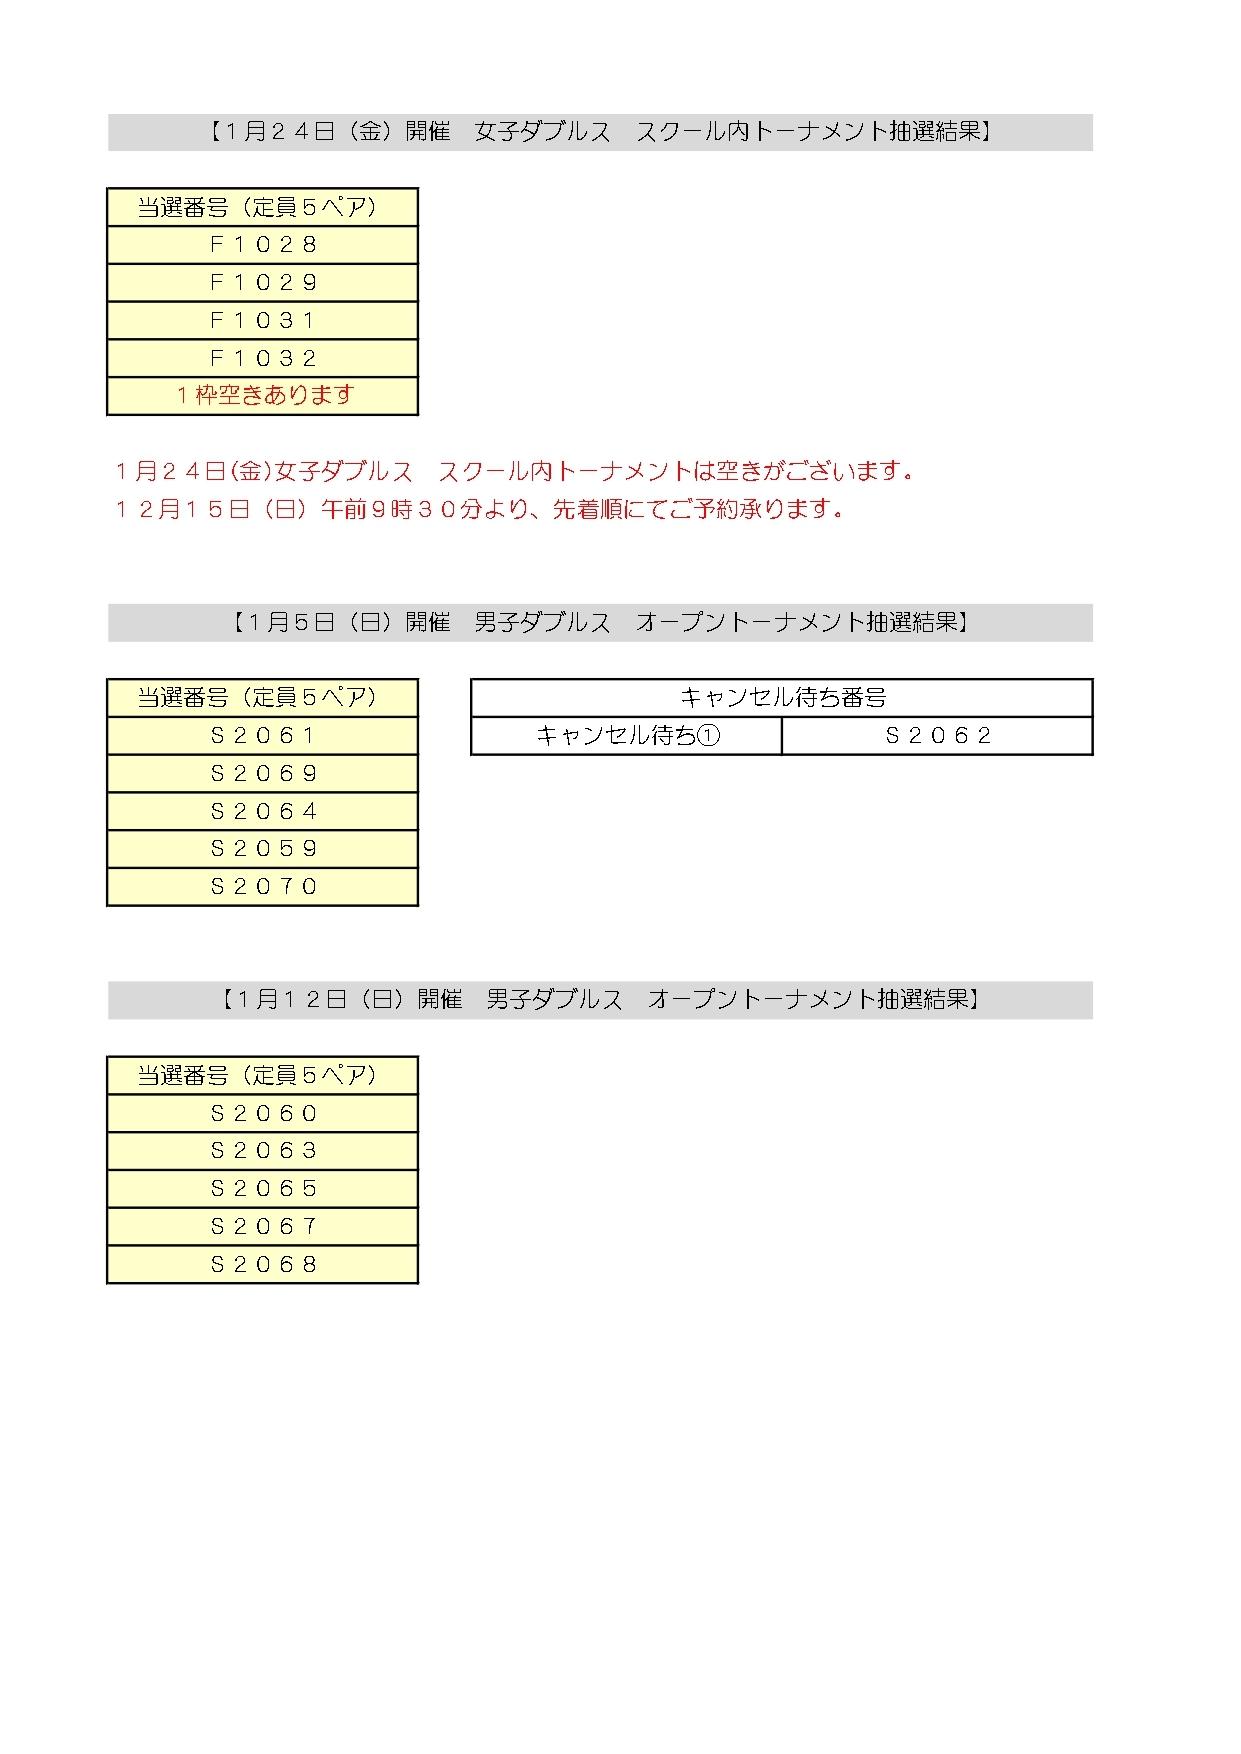 2020.1月トーナメント抽選結果_b0158200_11503600.jpg